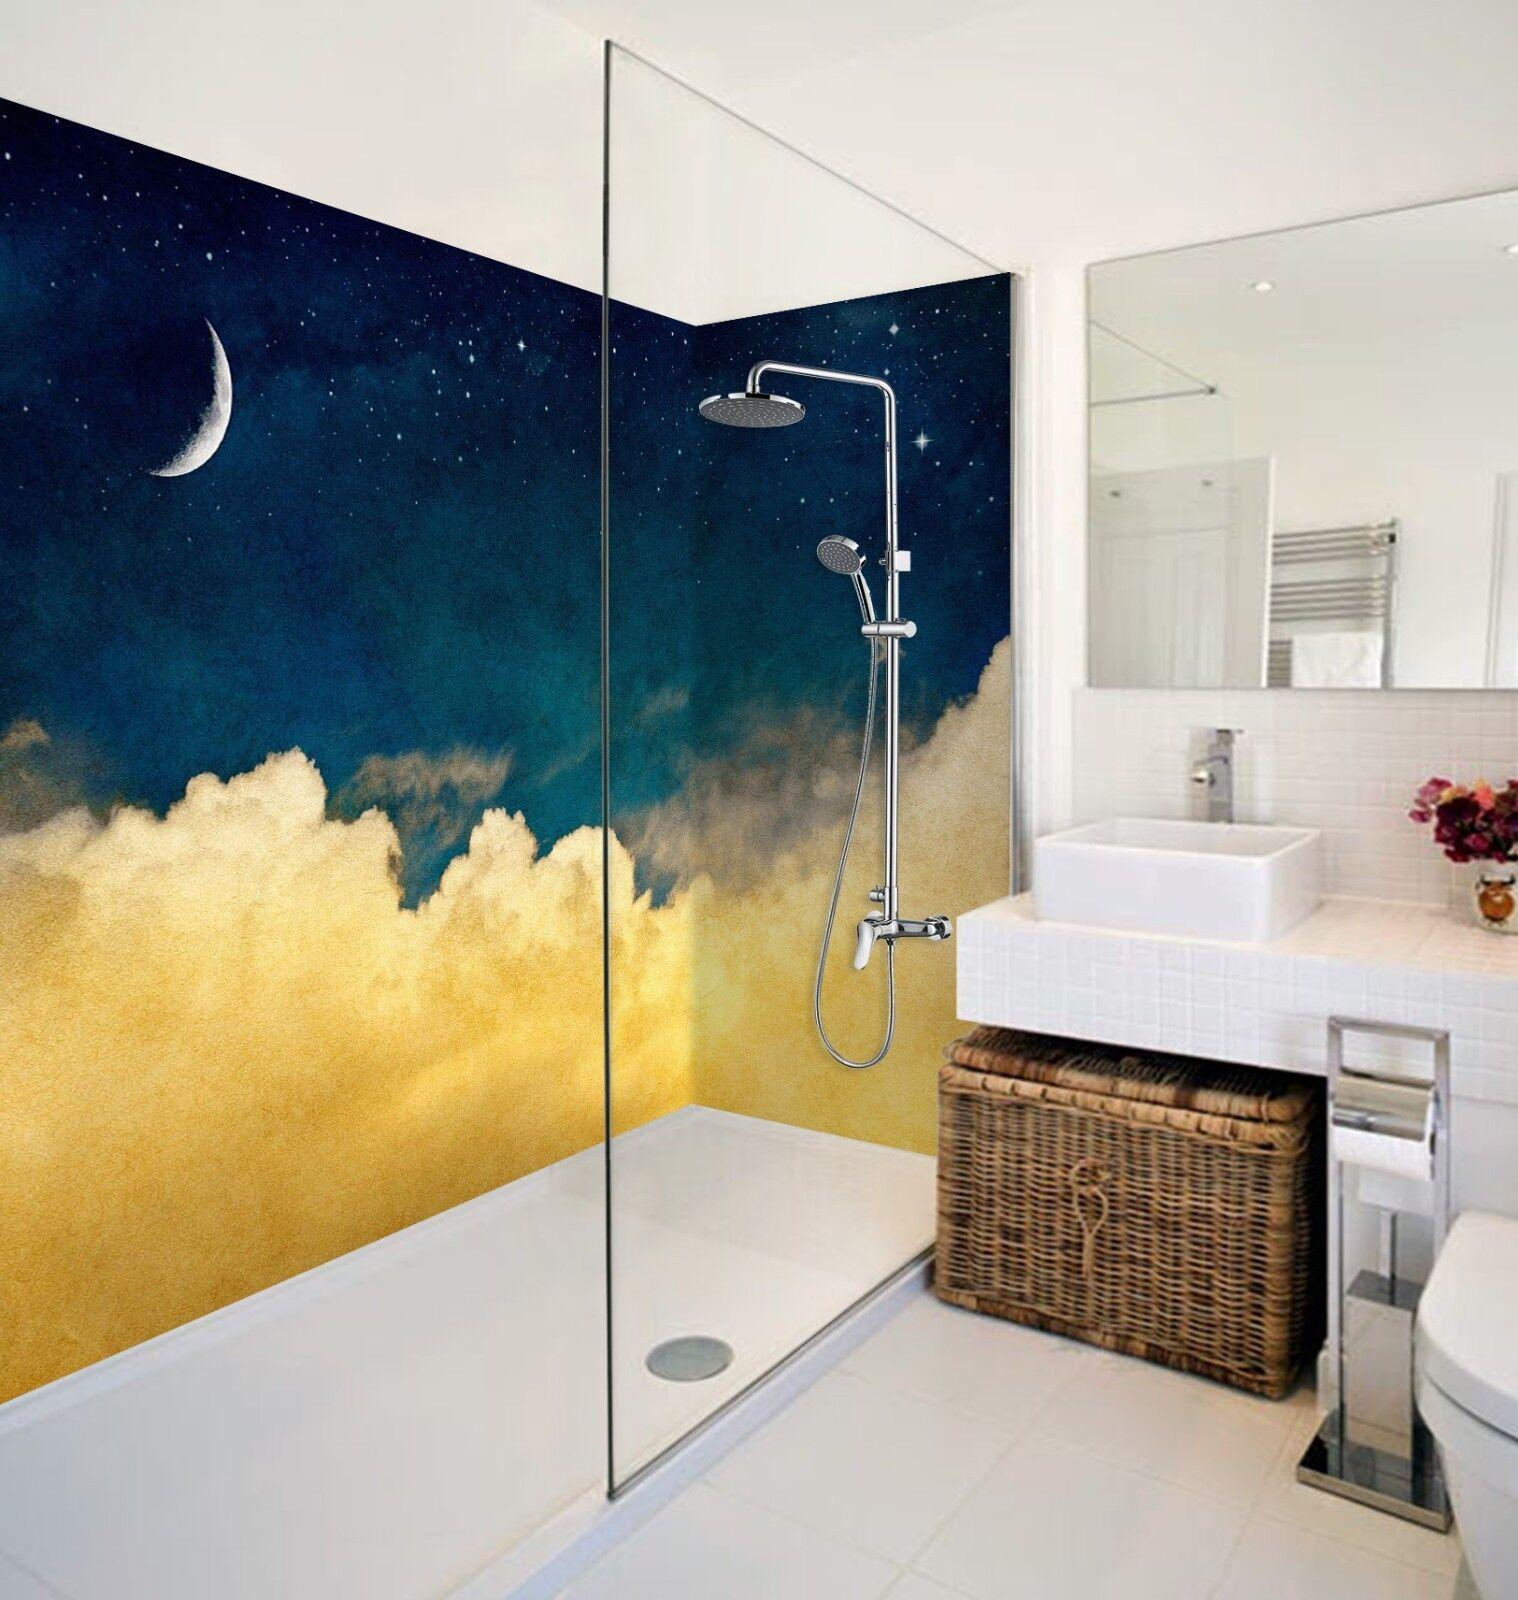 3D Moon Clouds 452 WallPaper Bathroom Print Decal Wall Deco AJ WALLPAPER AU